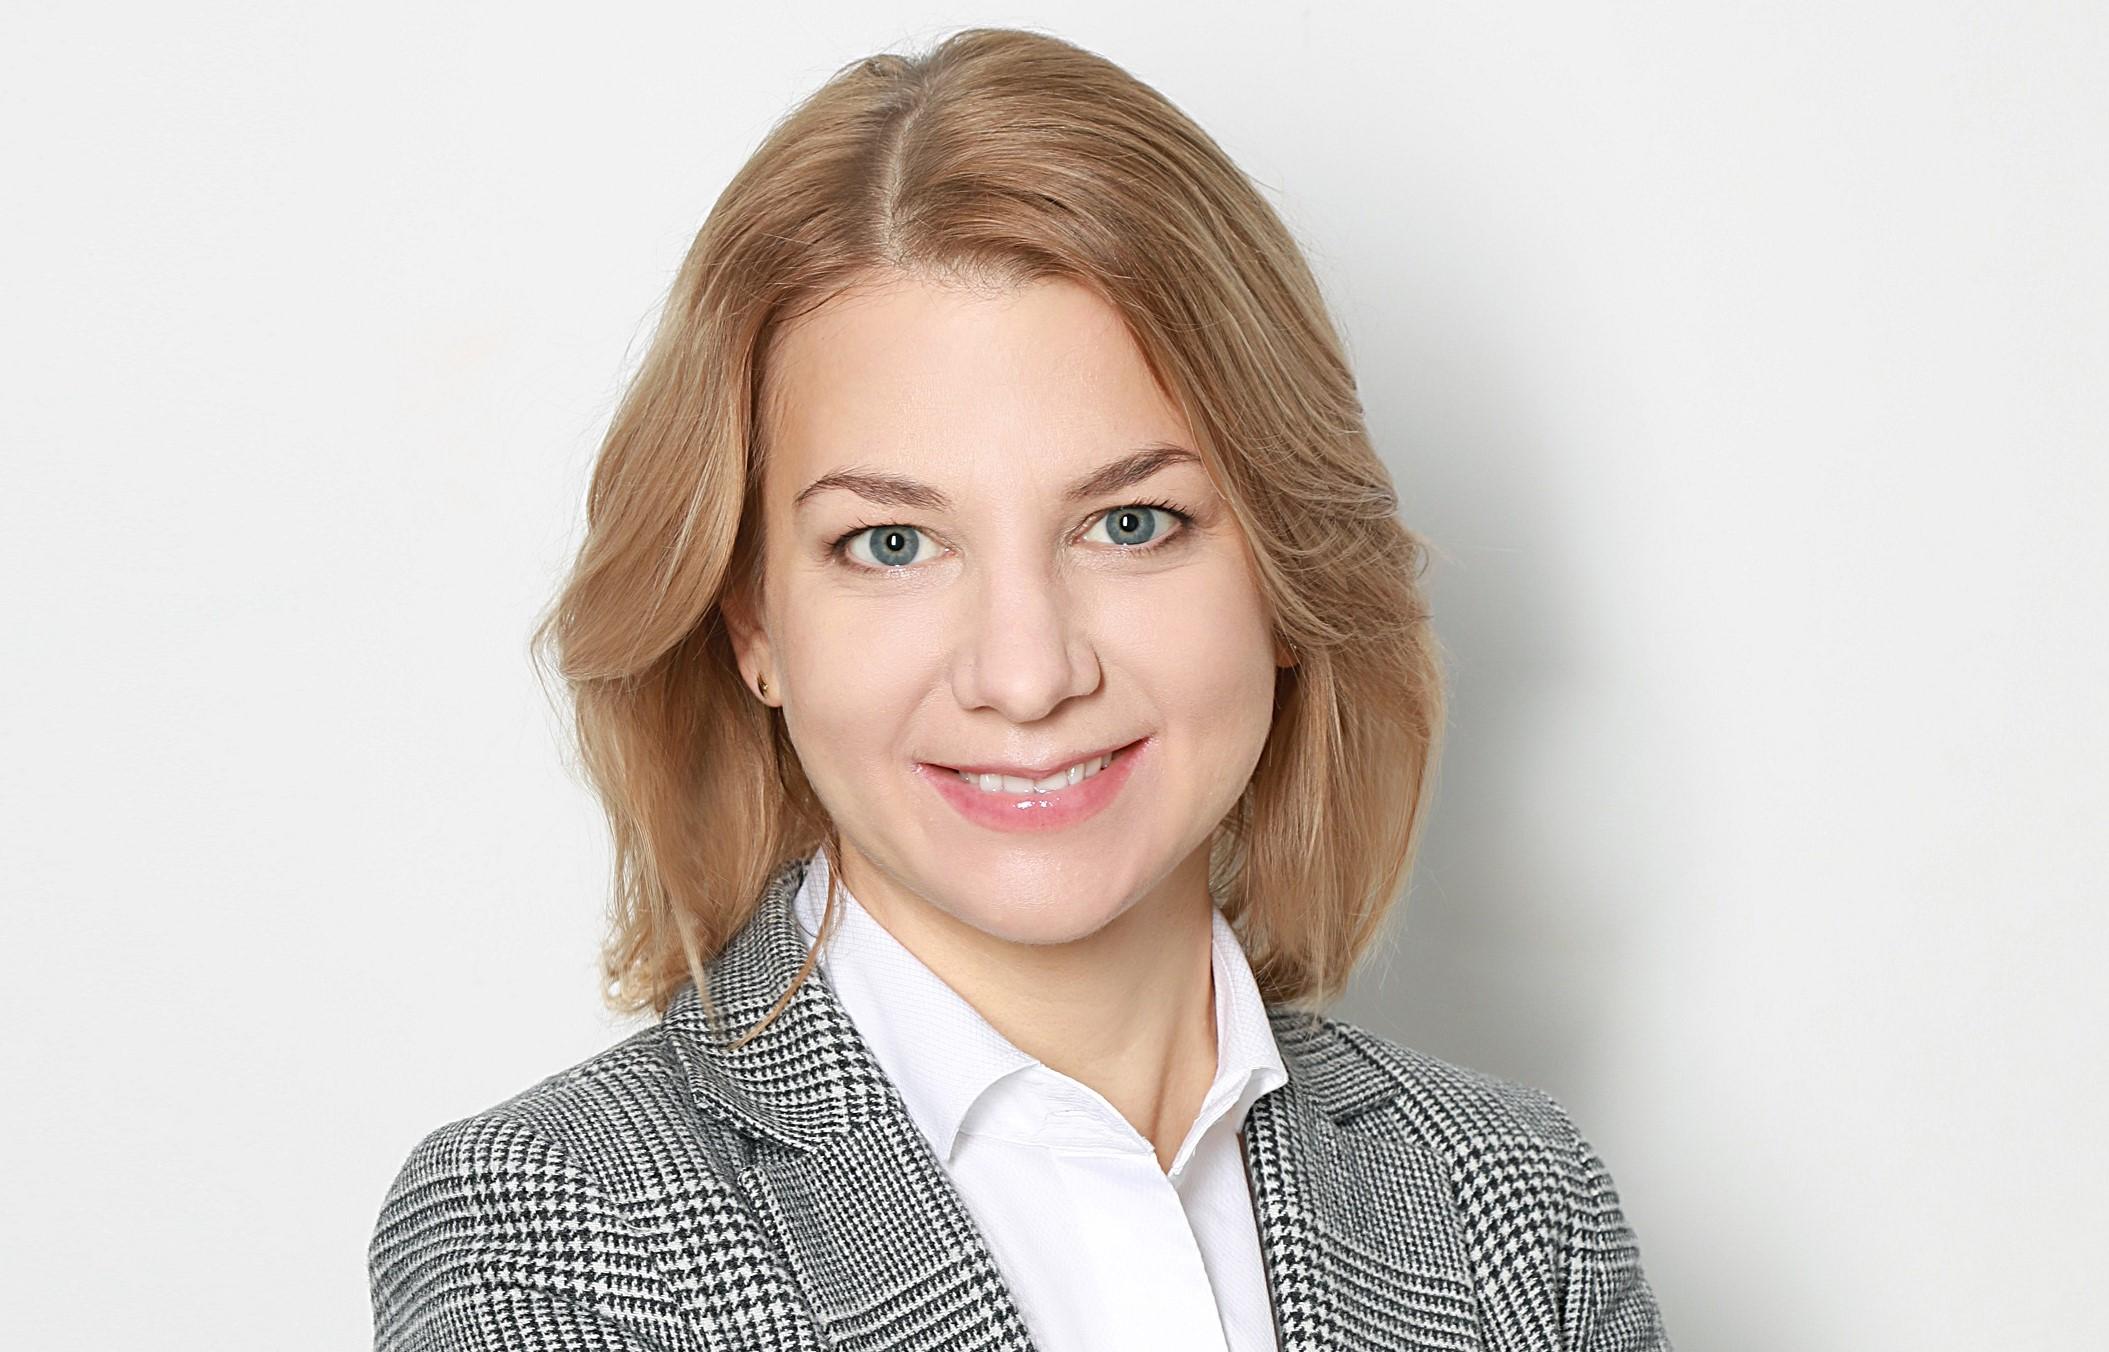 Marta Wrochna-Łastowska nową Członkinią Zarządu spółki Żabka Polska